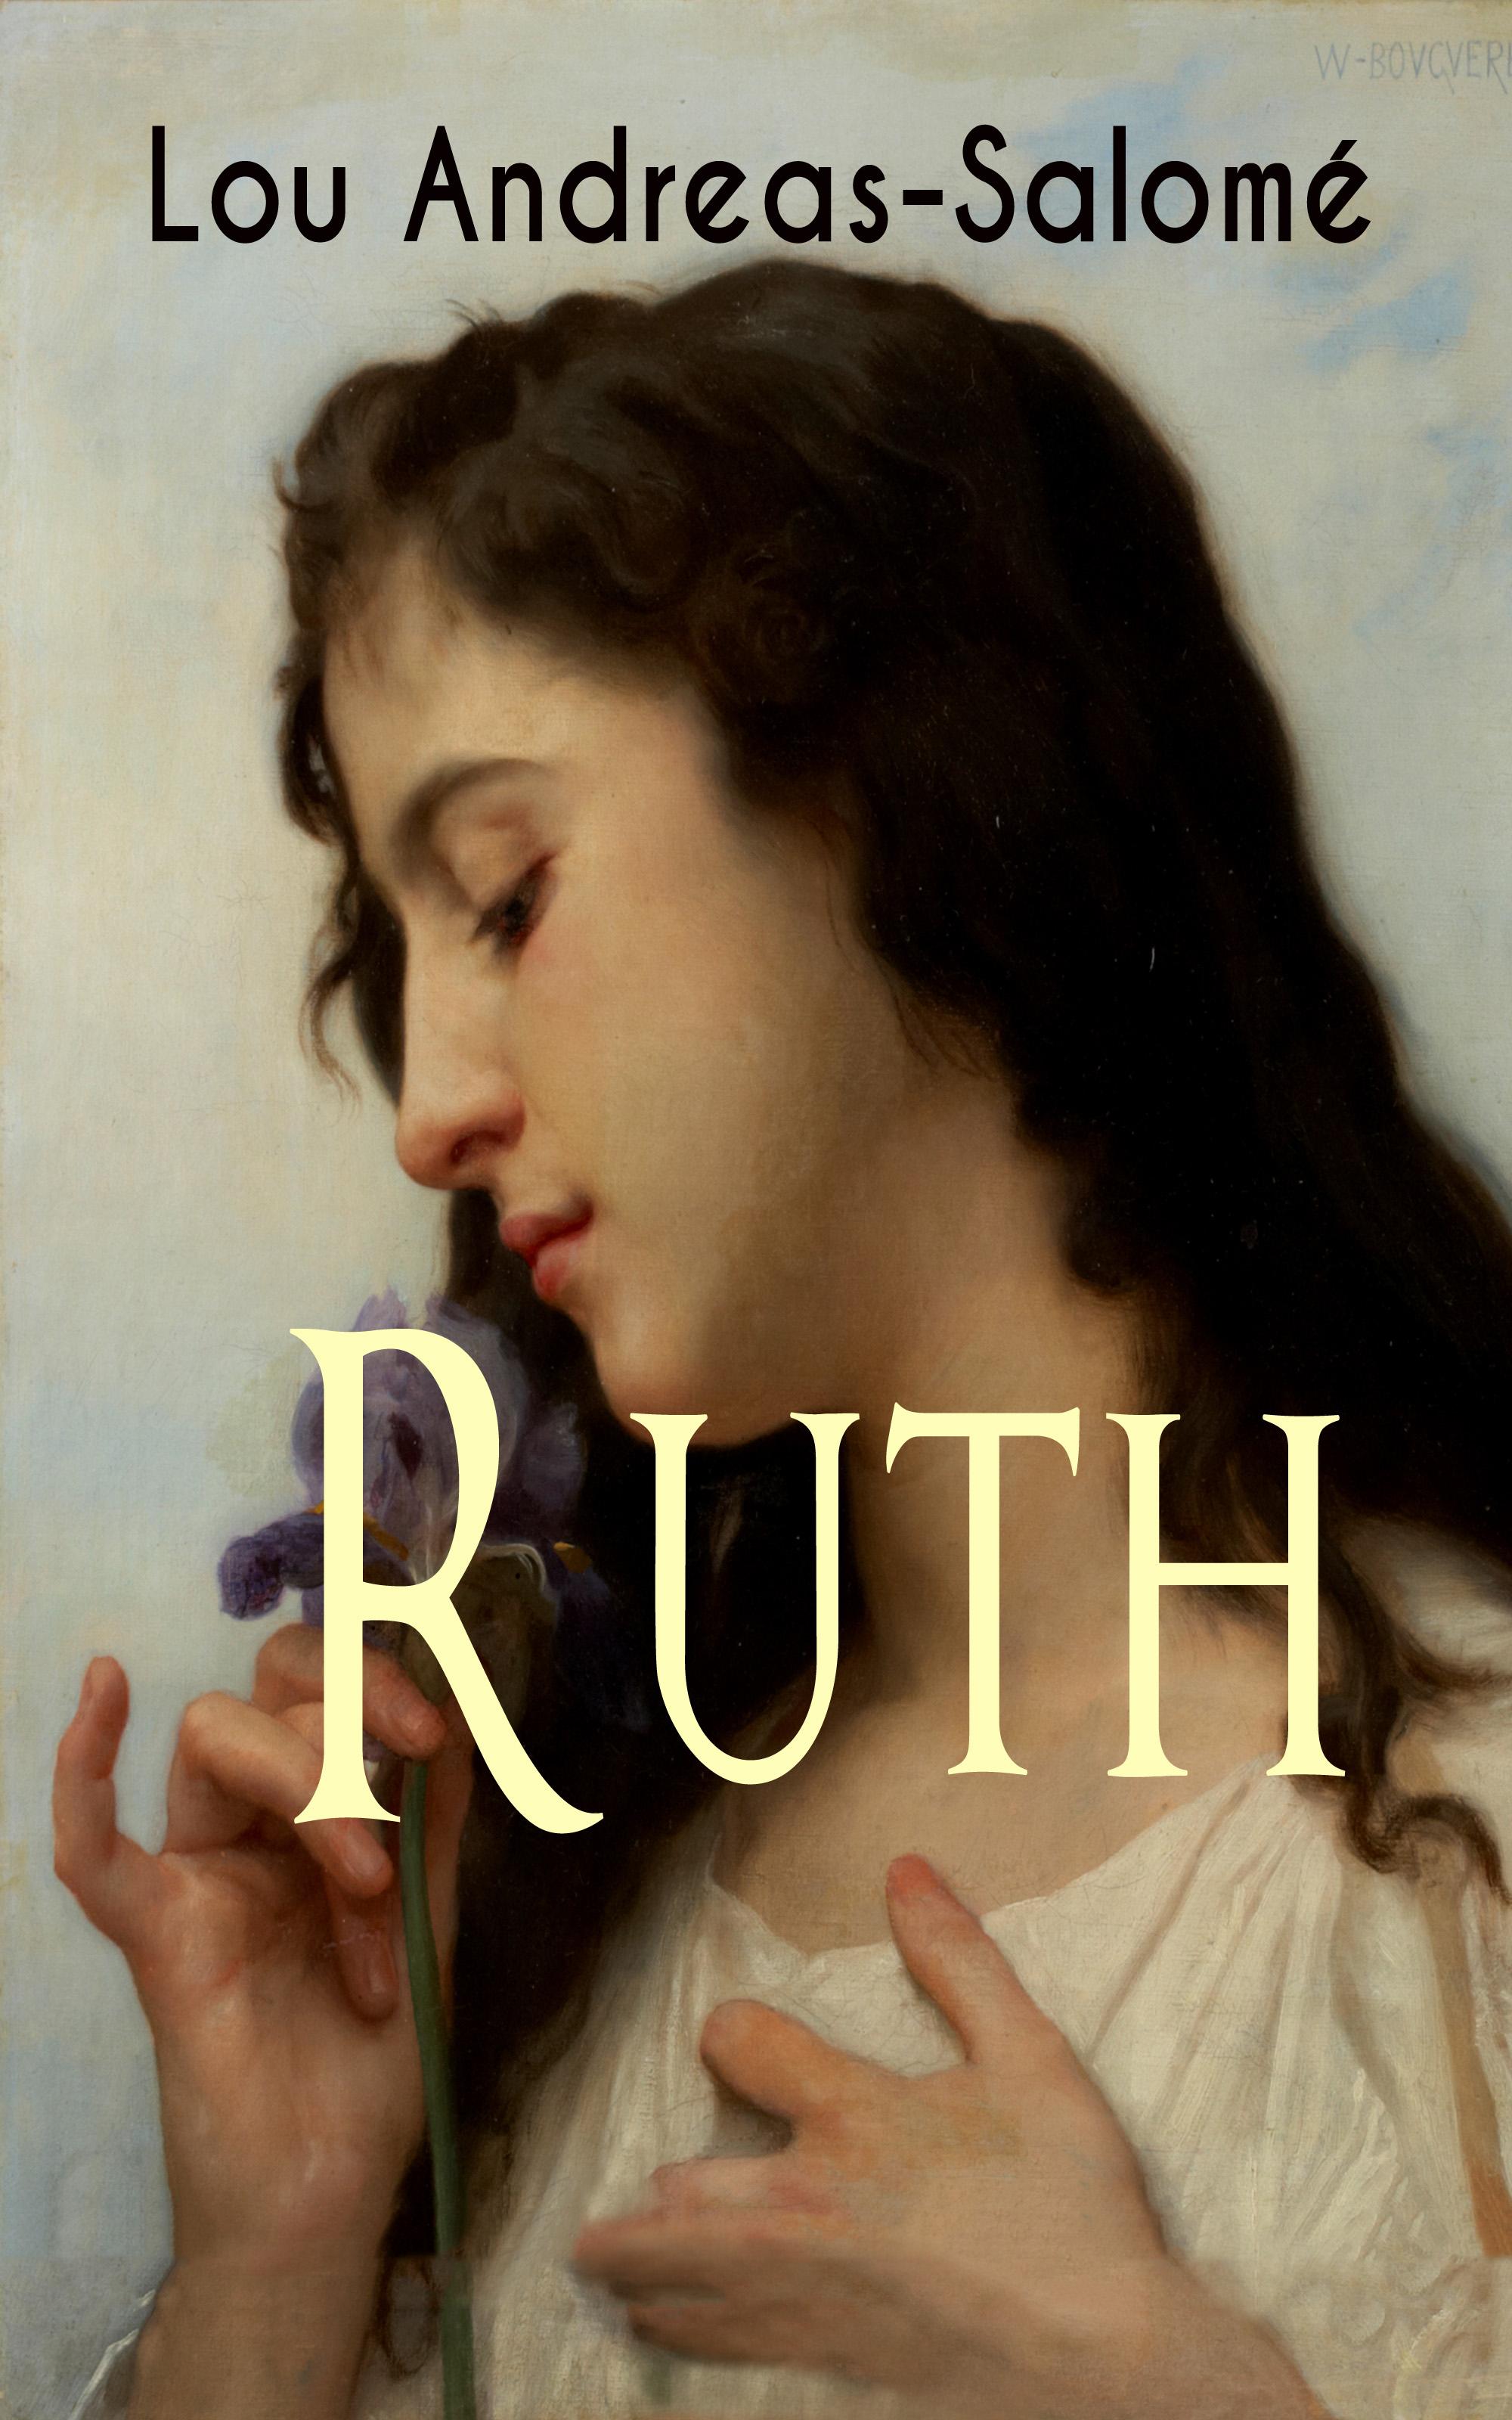 Lou Andreas-Salome Ruth